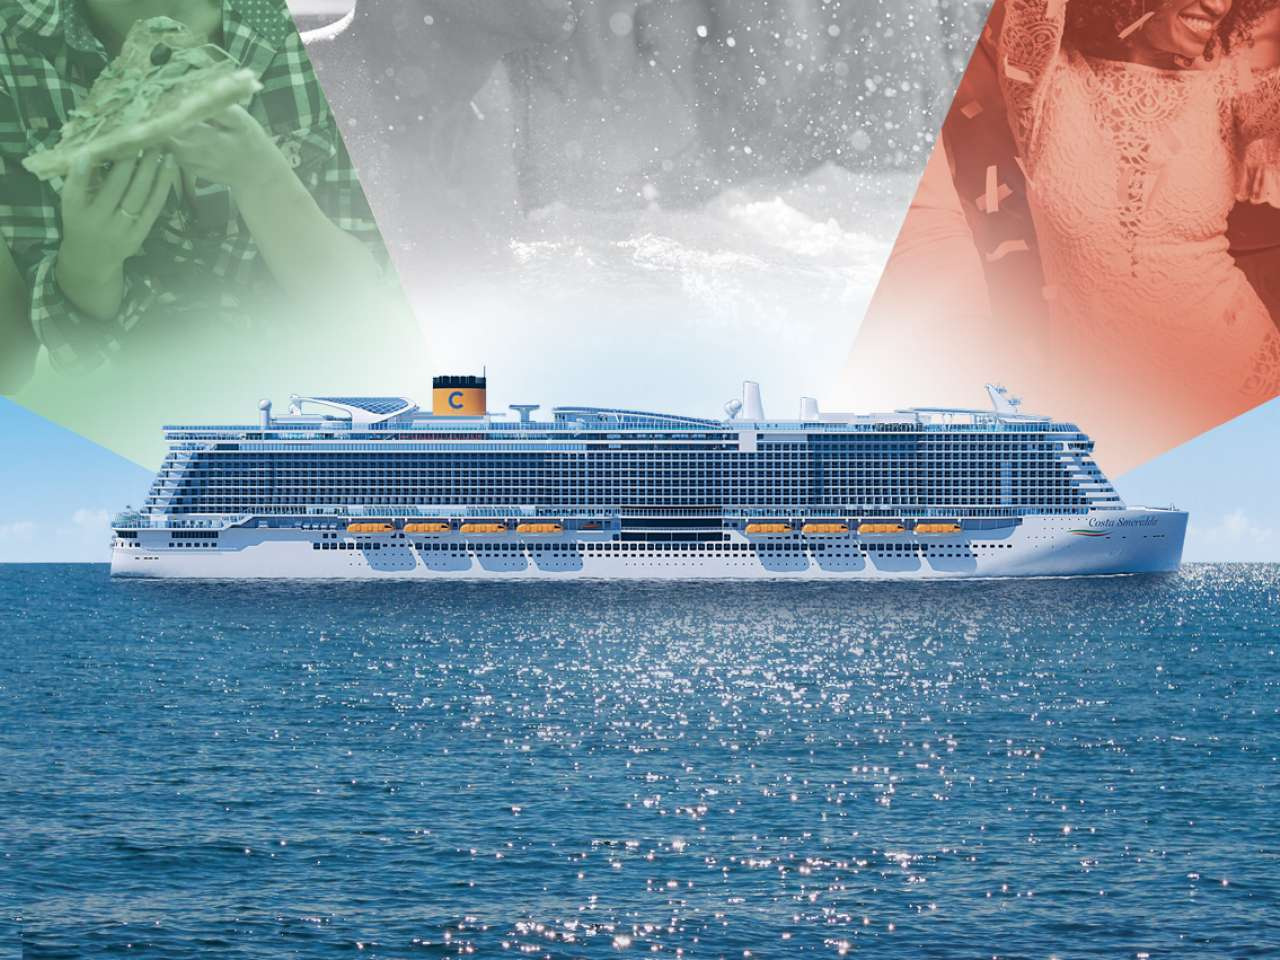 nave-costa-smeralda